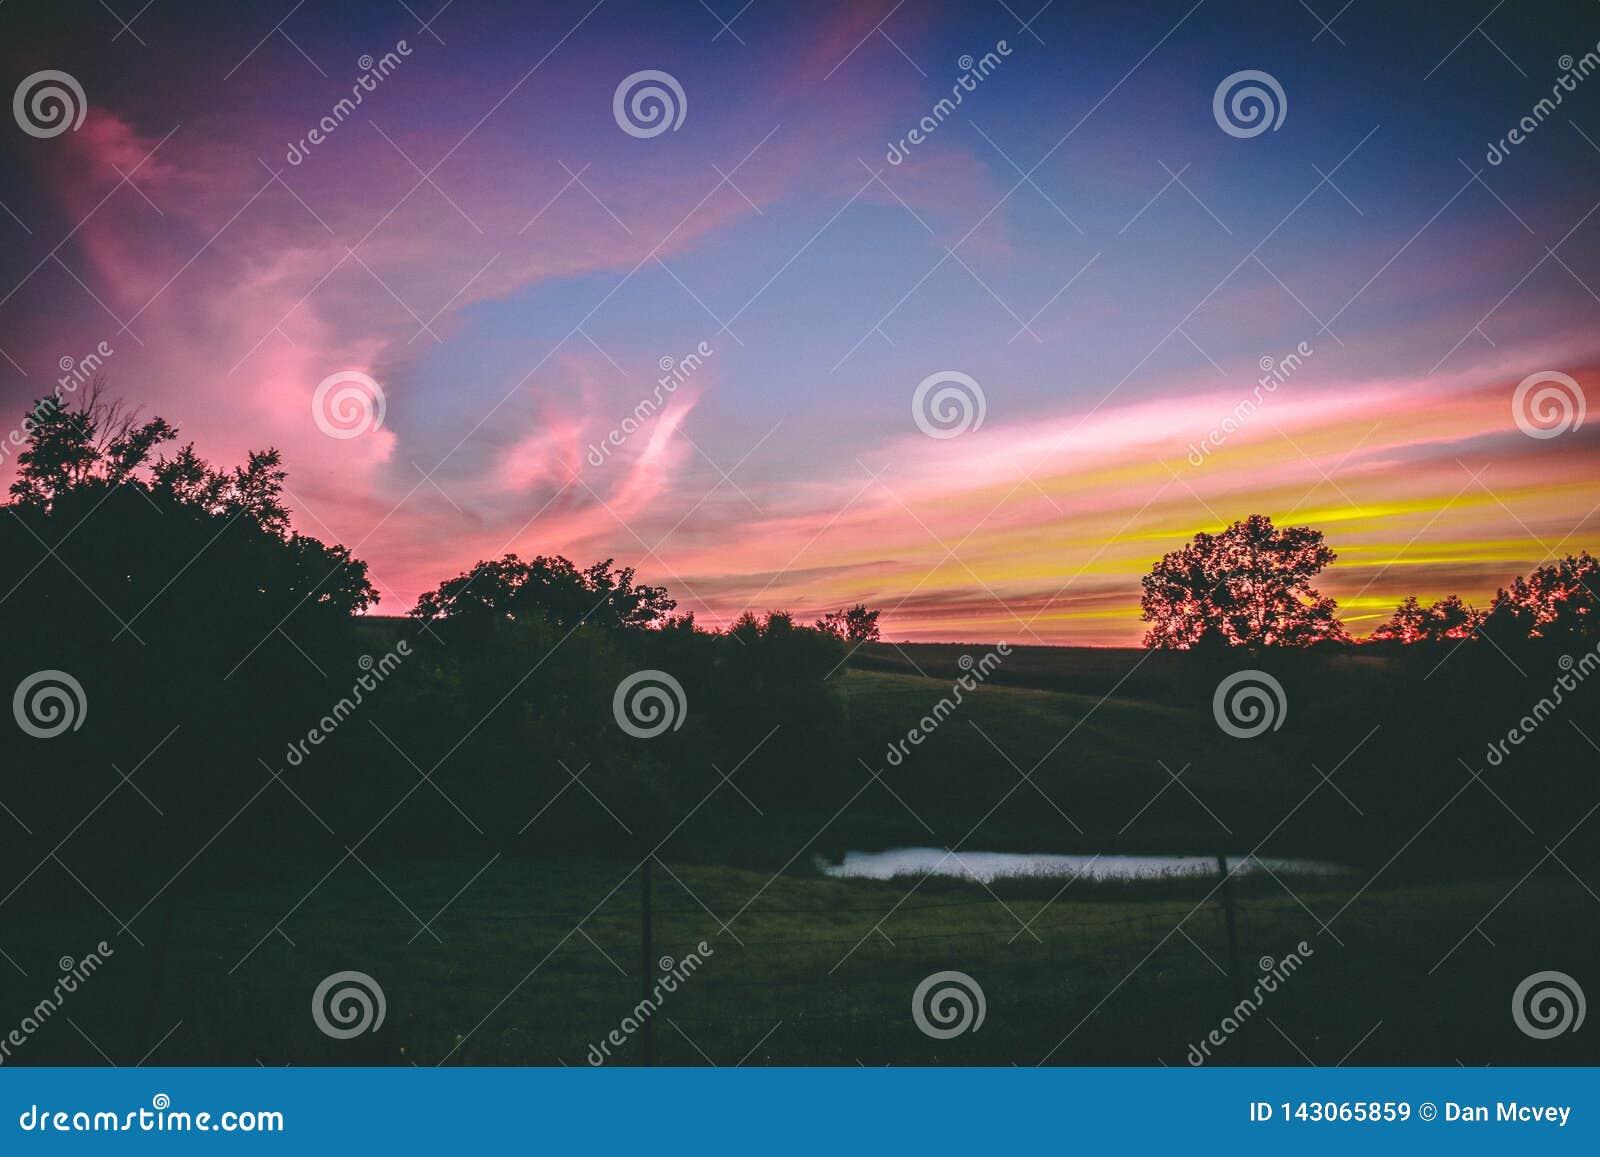 Mittelwesten-Weide bei Sonnenuntergang